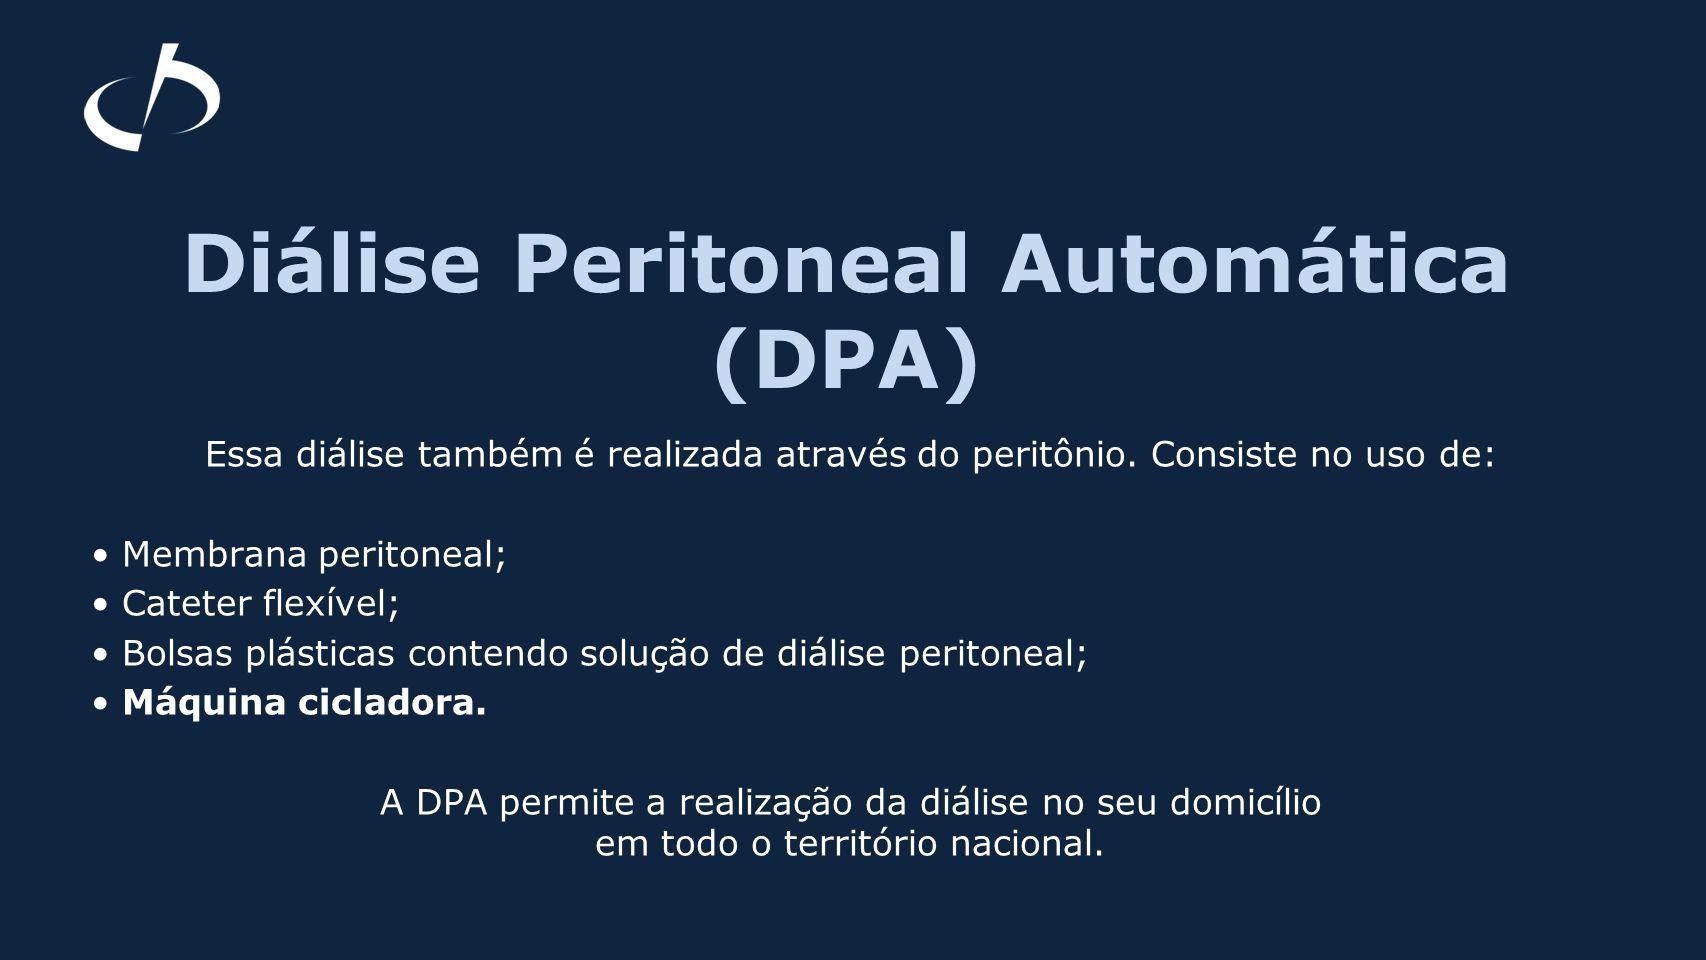 Diálise Peritoneal Automática (DPA) Essa diálise também é realizada através do peritônio. Consiste no uso de: Membrana peritoneal; Cateter flexível; B